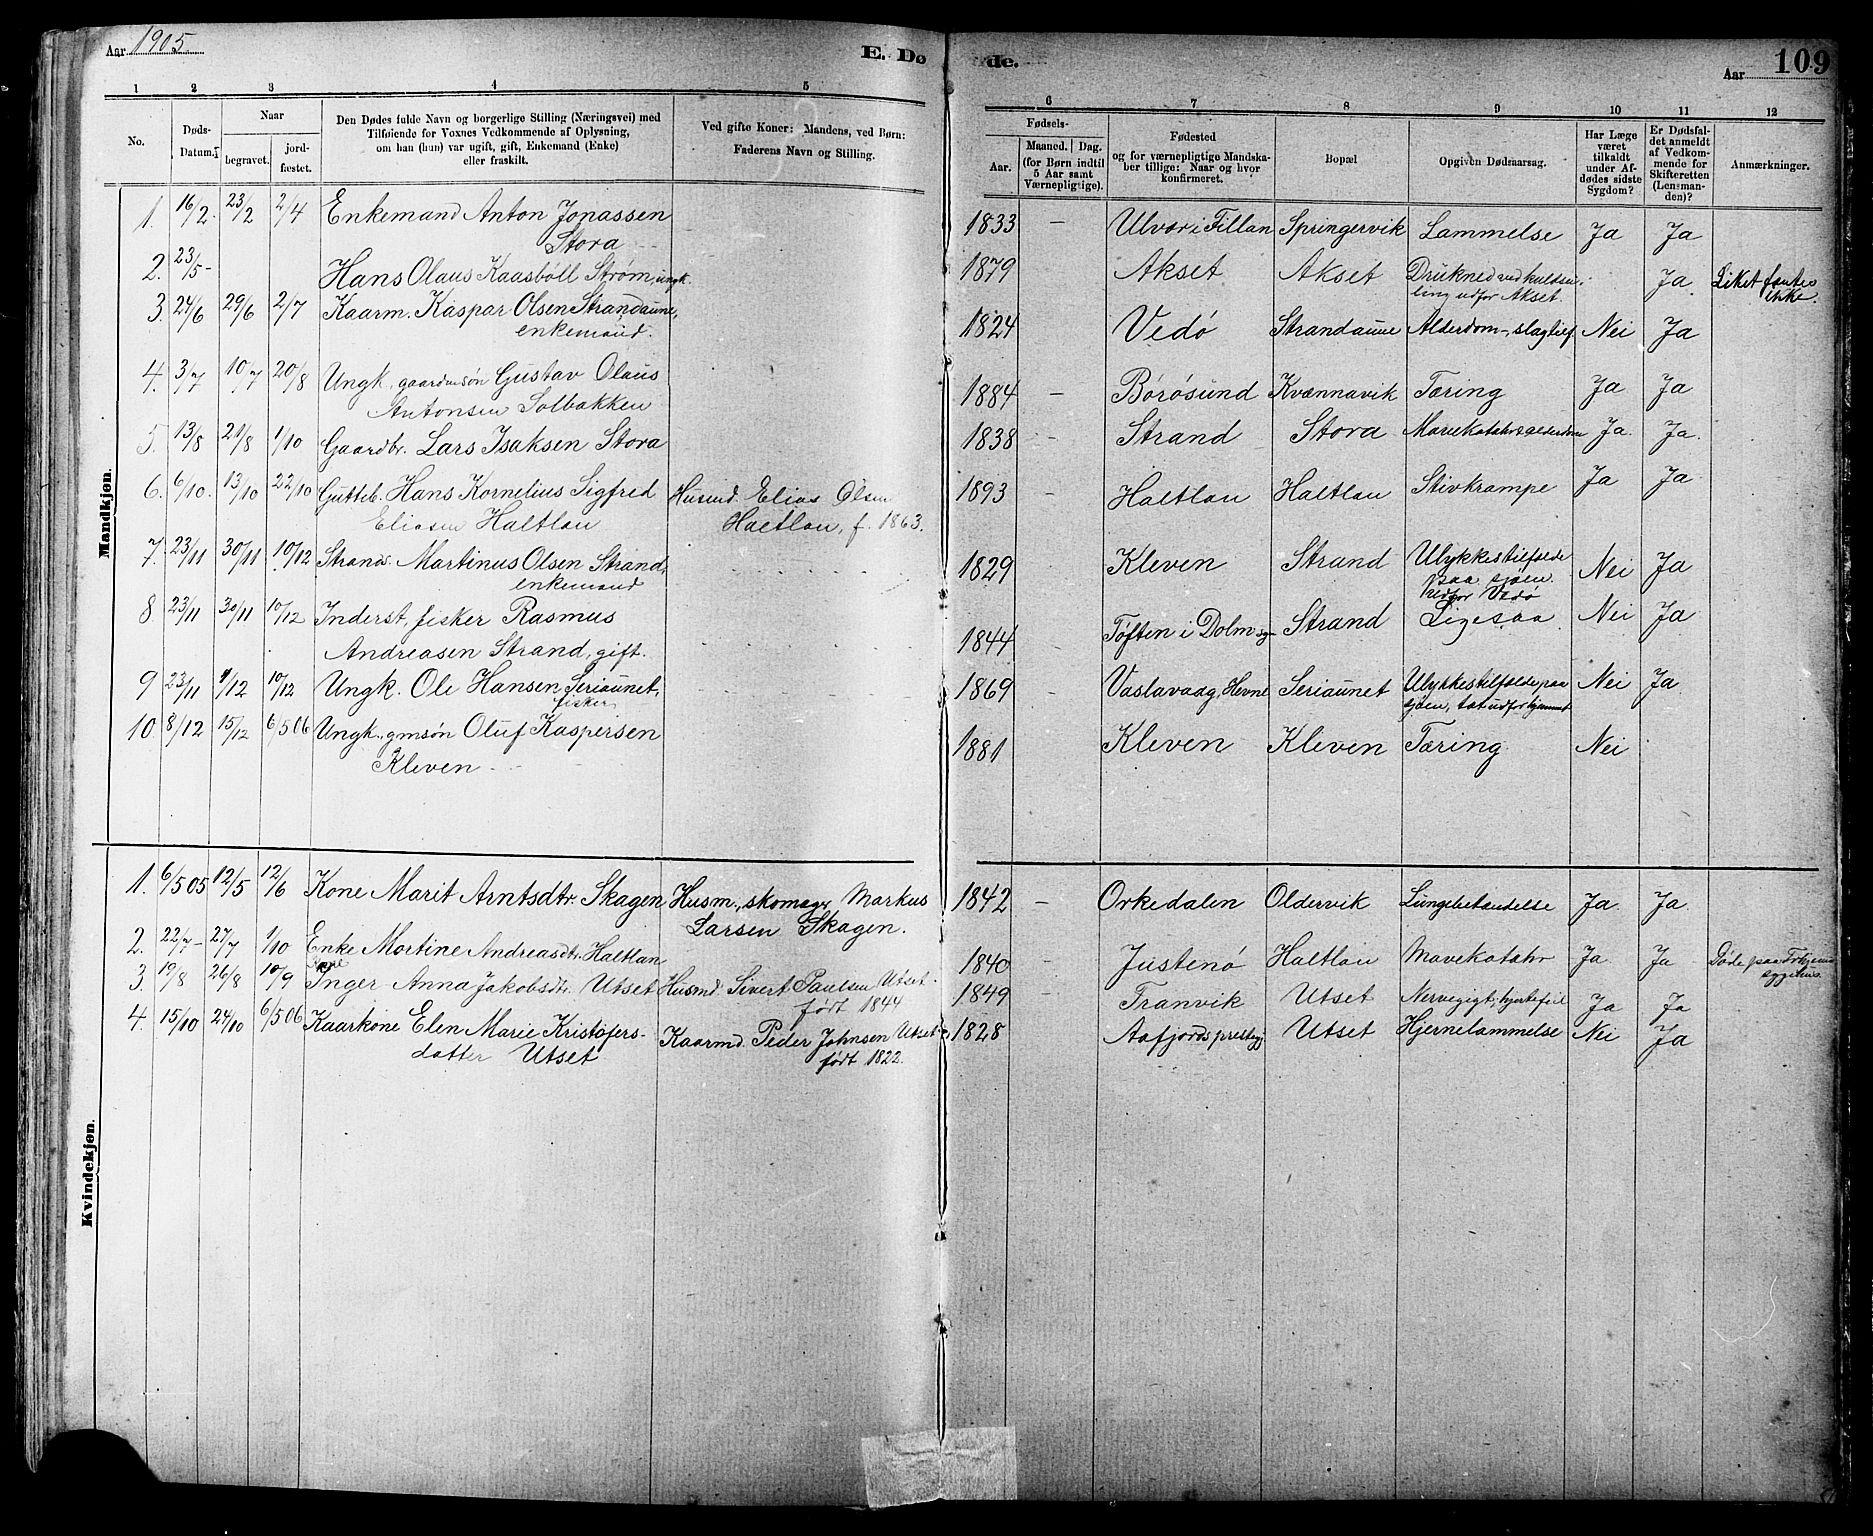 SAT, Ministerialprotokoller, klokkerbøker og fødselsregistre - Sør-Trøndelag, 639/L0573: Klokkerbok nr. 639C01, 1890-1905, s. 109